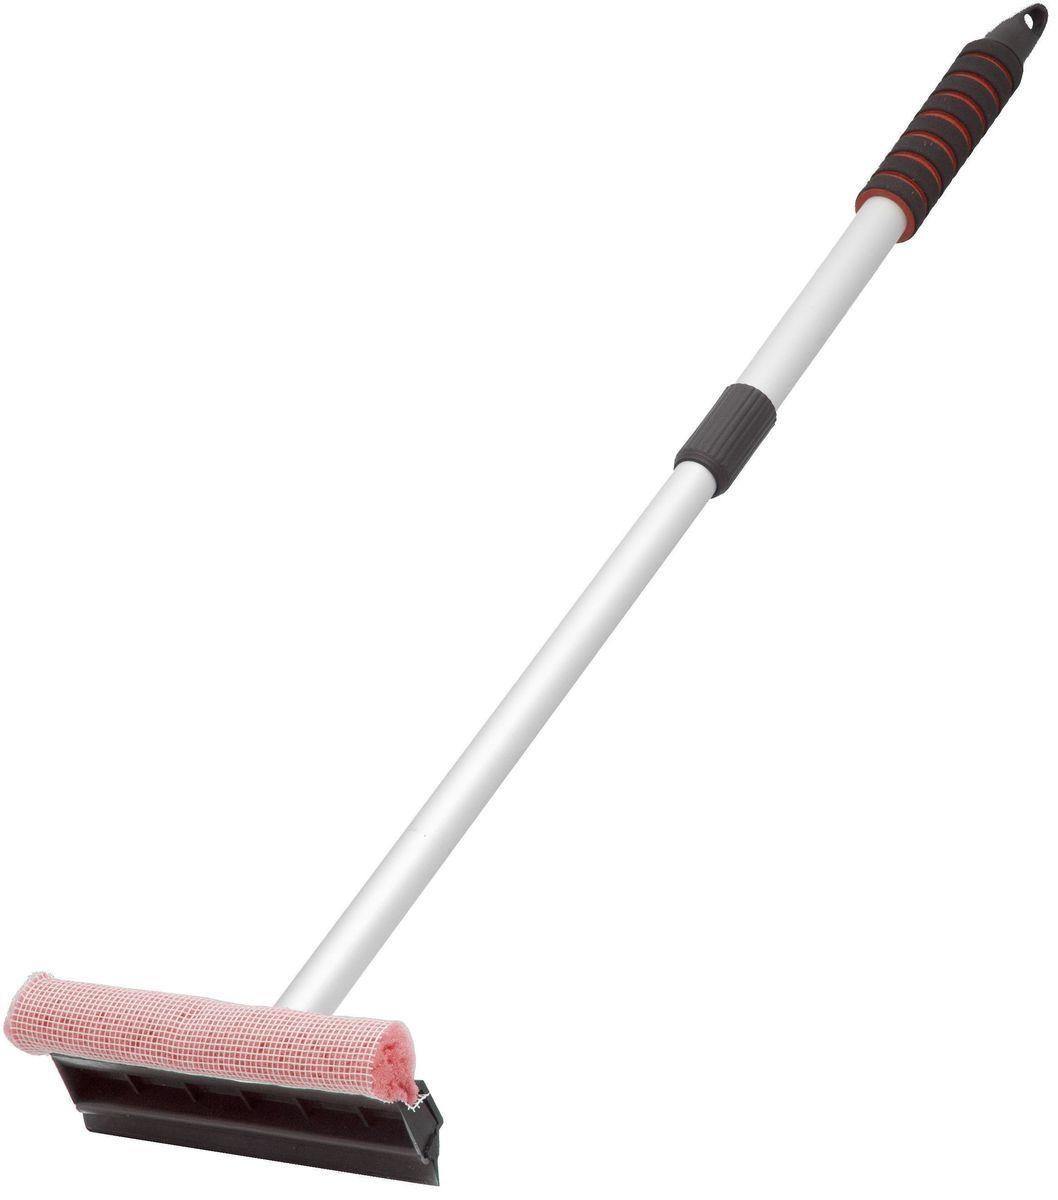 Водосгон Главдор, с телескопической ручкой, цвет: красныйGL-Алюминиевый водосгон Главдор с удобным держателем из пенополиэтилена, снабжен резиновым скребком и поролоновой губкой для эффективной очистки загрязненных поверхностей.Длина телескопической ручки: 55 - 85см.